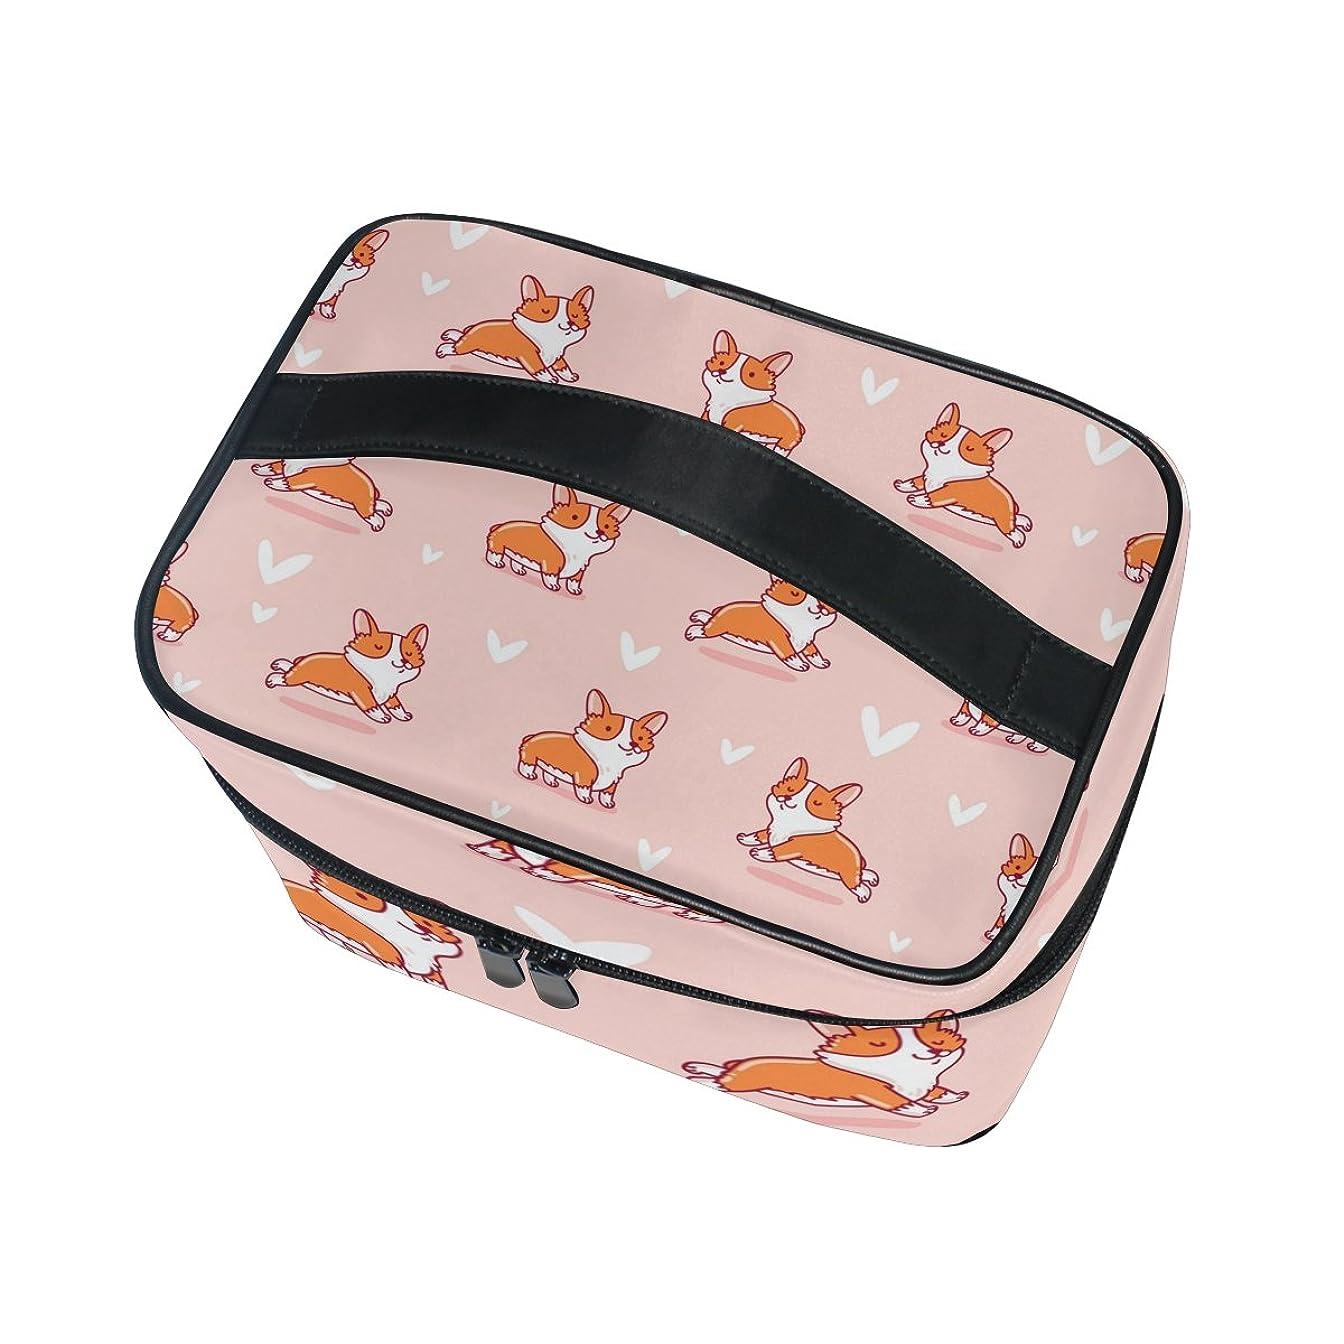 ハロウィン眠りシリンダーALAZA 化粧ポーチ 犬柄 いぬ柄 化粧 メイクボックス 収納用品 ピンク 大きめ かわいい